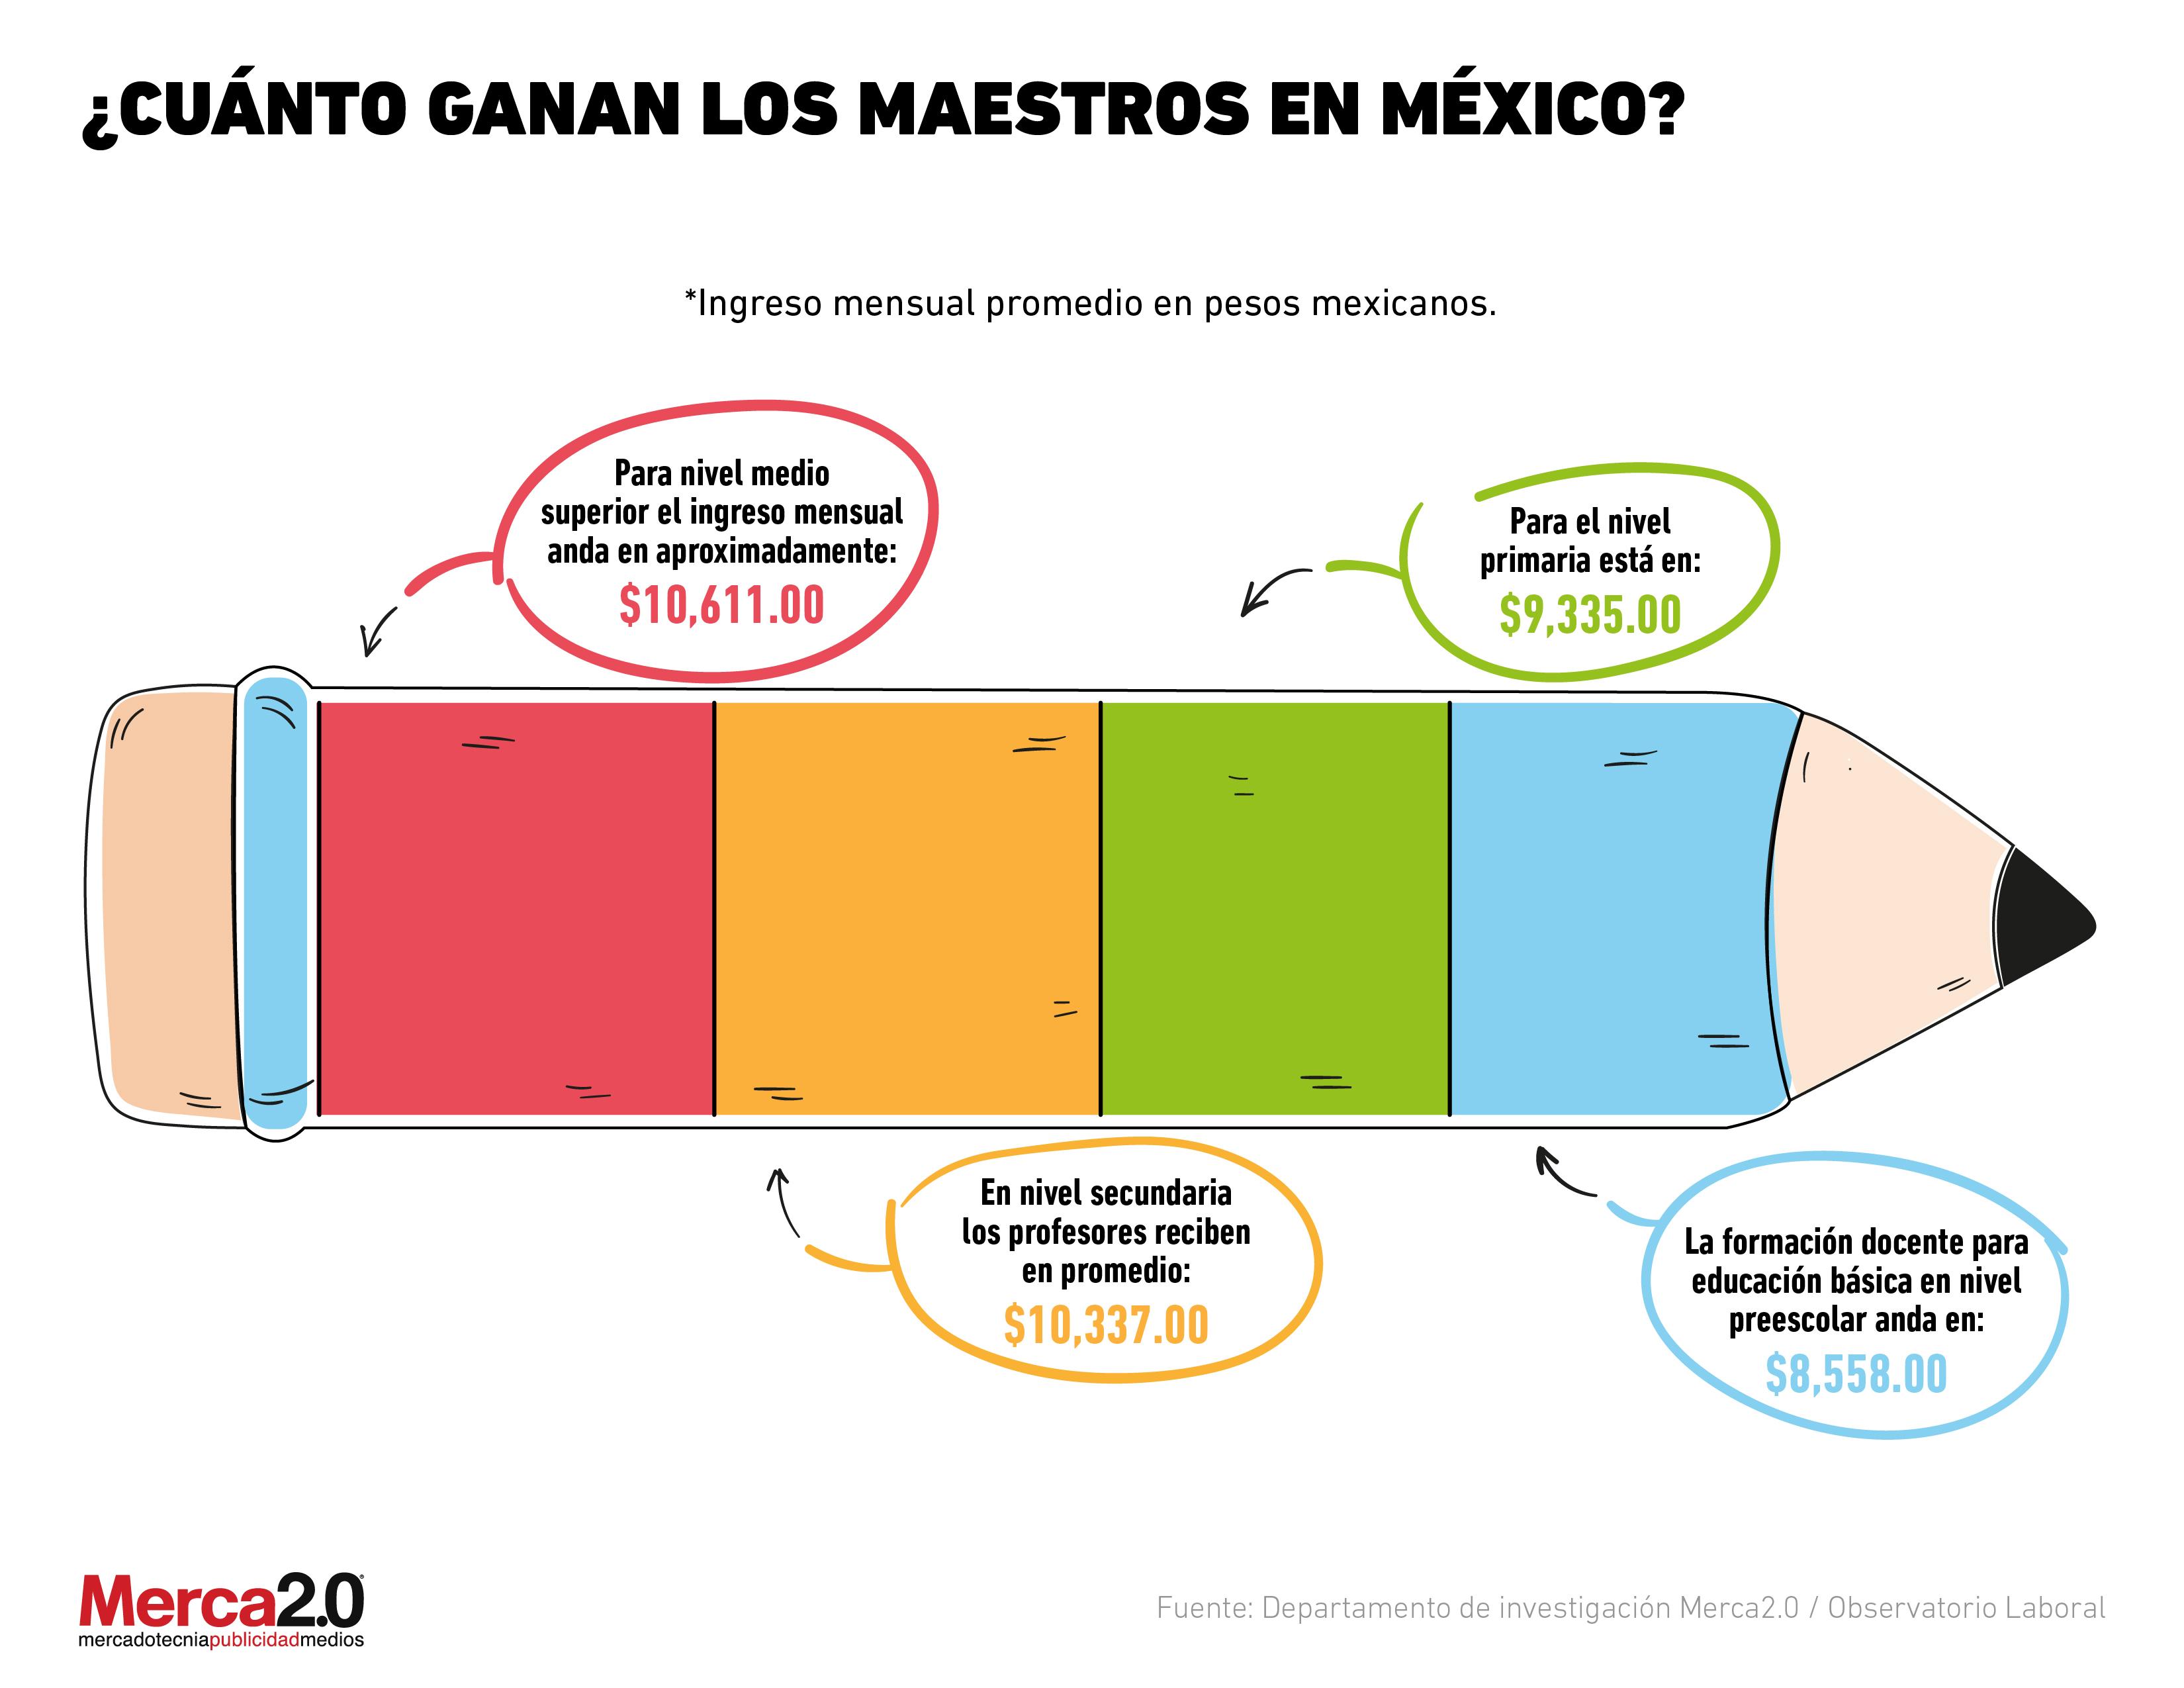 #DíaDelMaestro: ¿Los maestros son bien pagados en México?